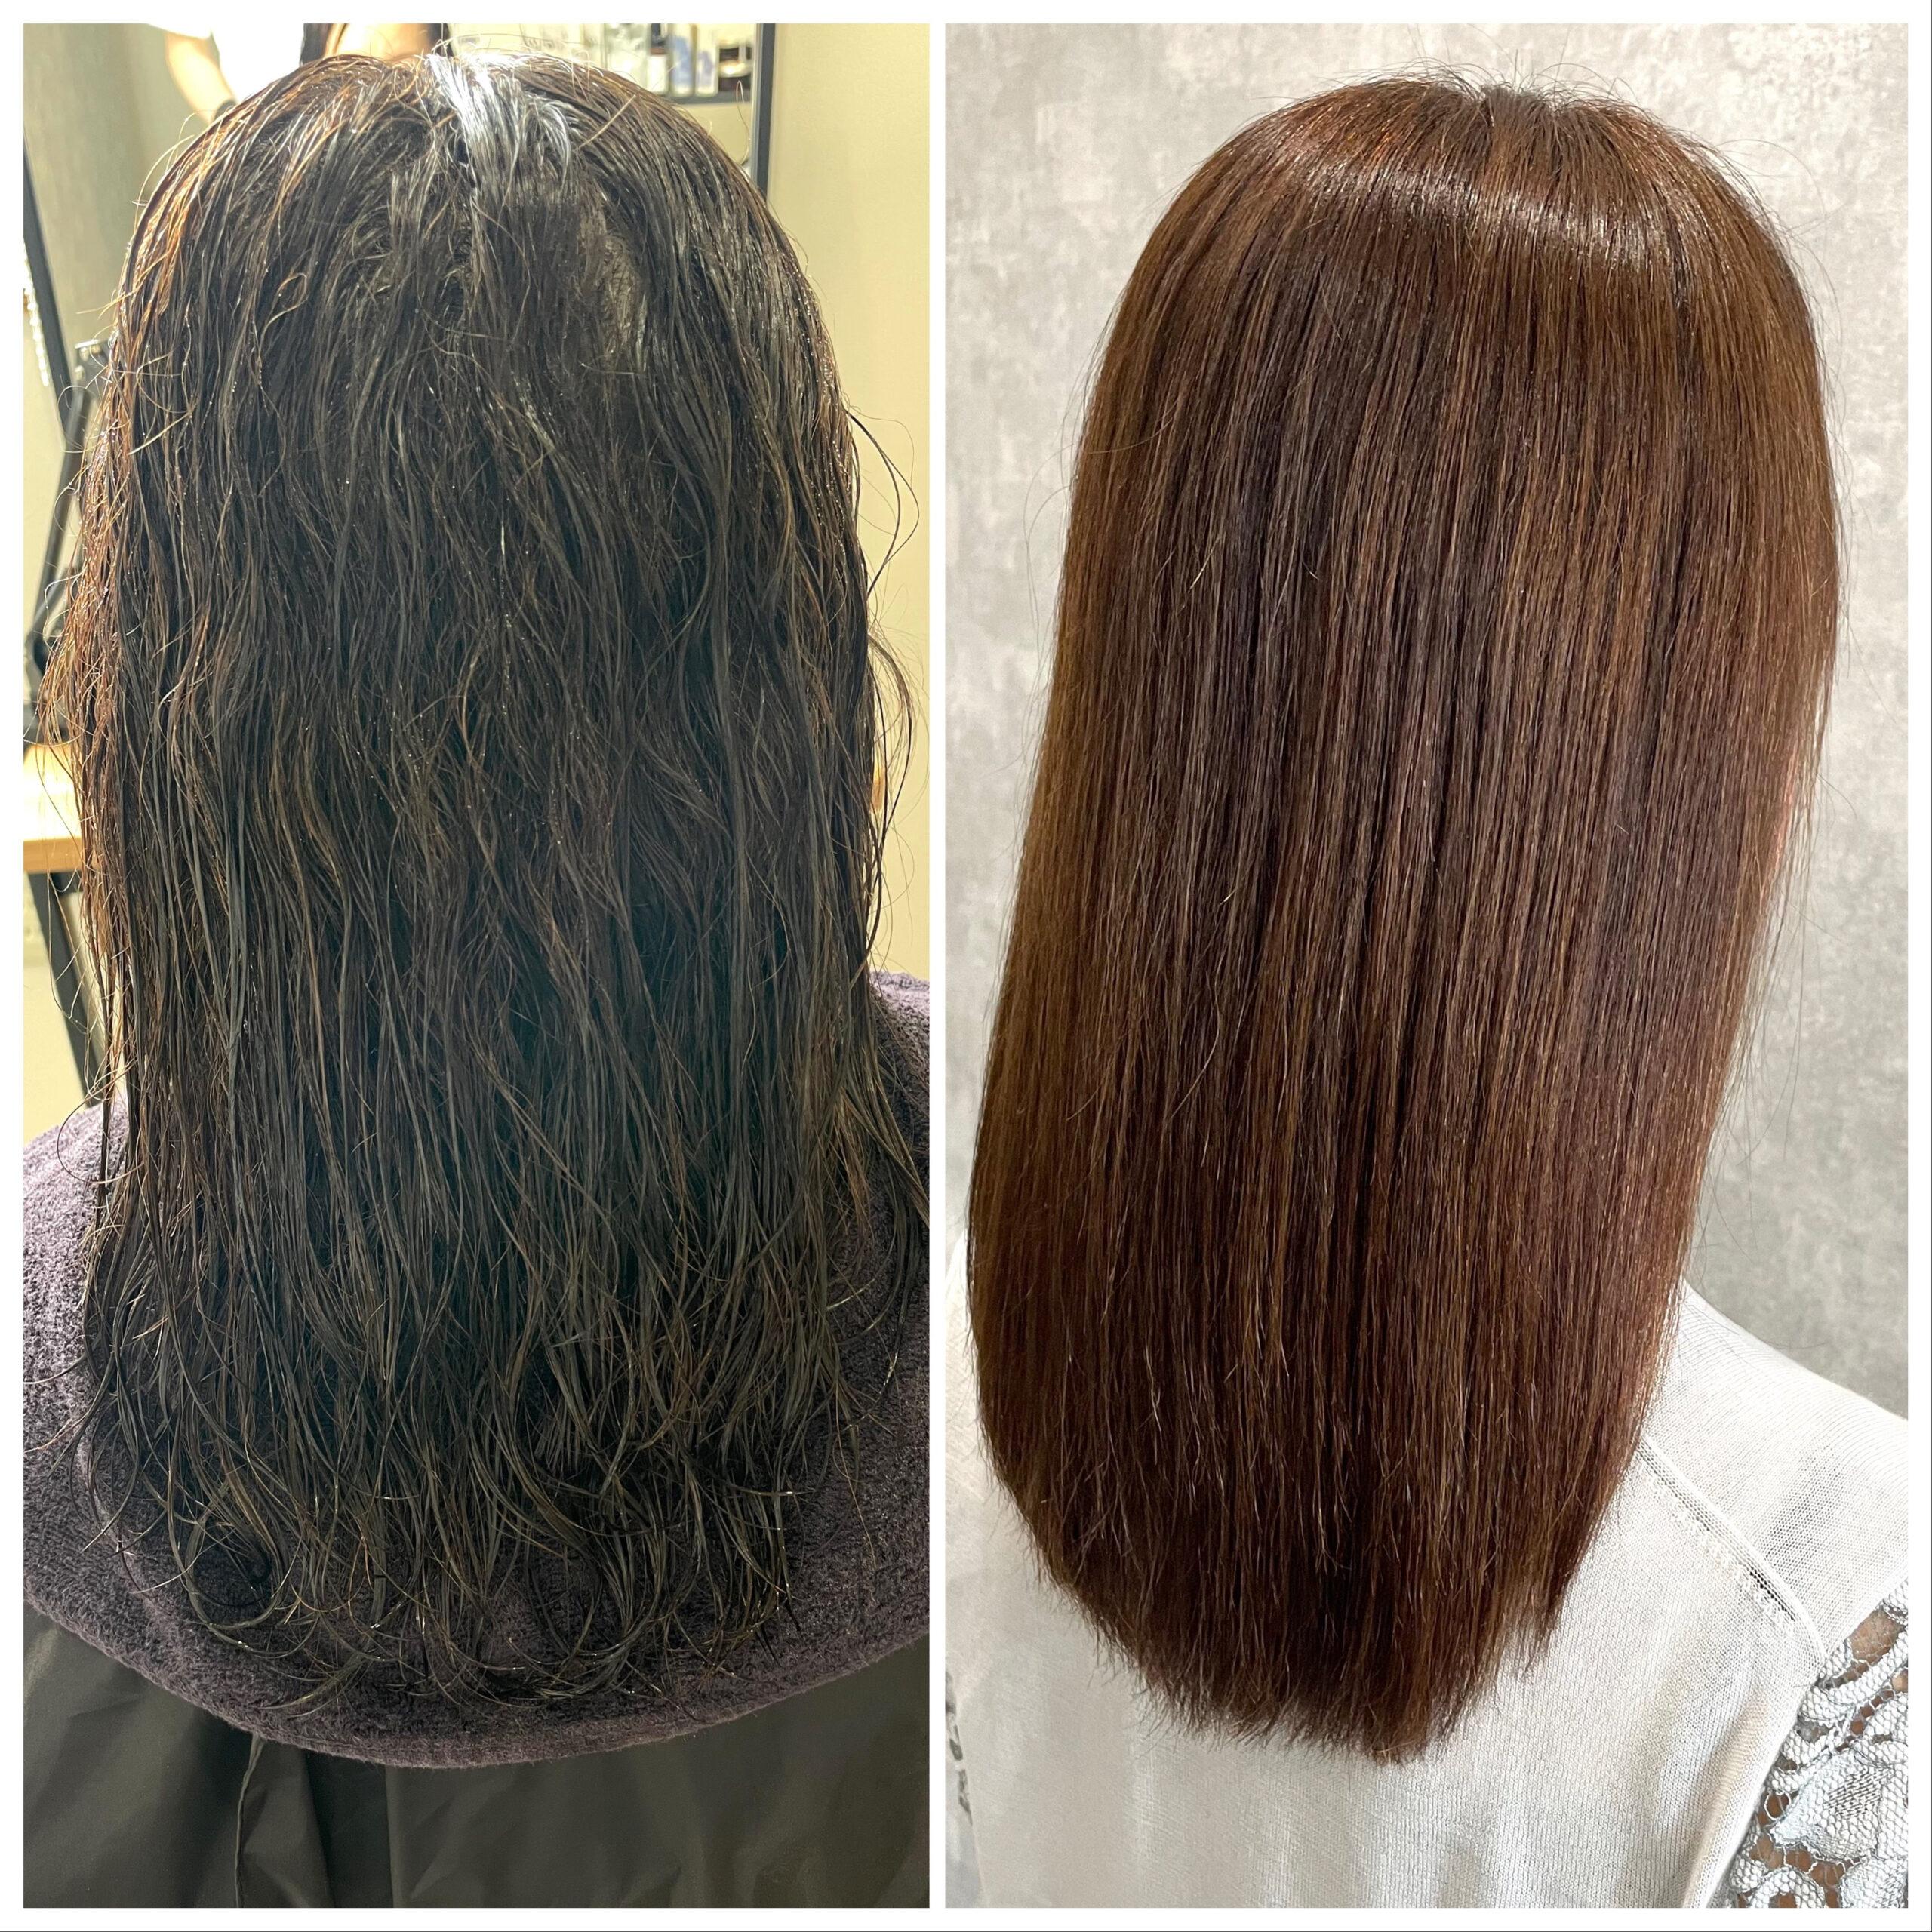 大分県別府市 エイジング毛のハイダメージ毛でも弱酸性の縮毛矯正なら綺麗になります! ビフォーアフター